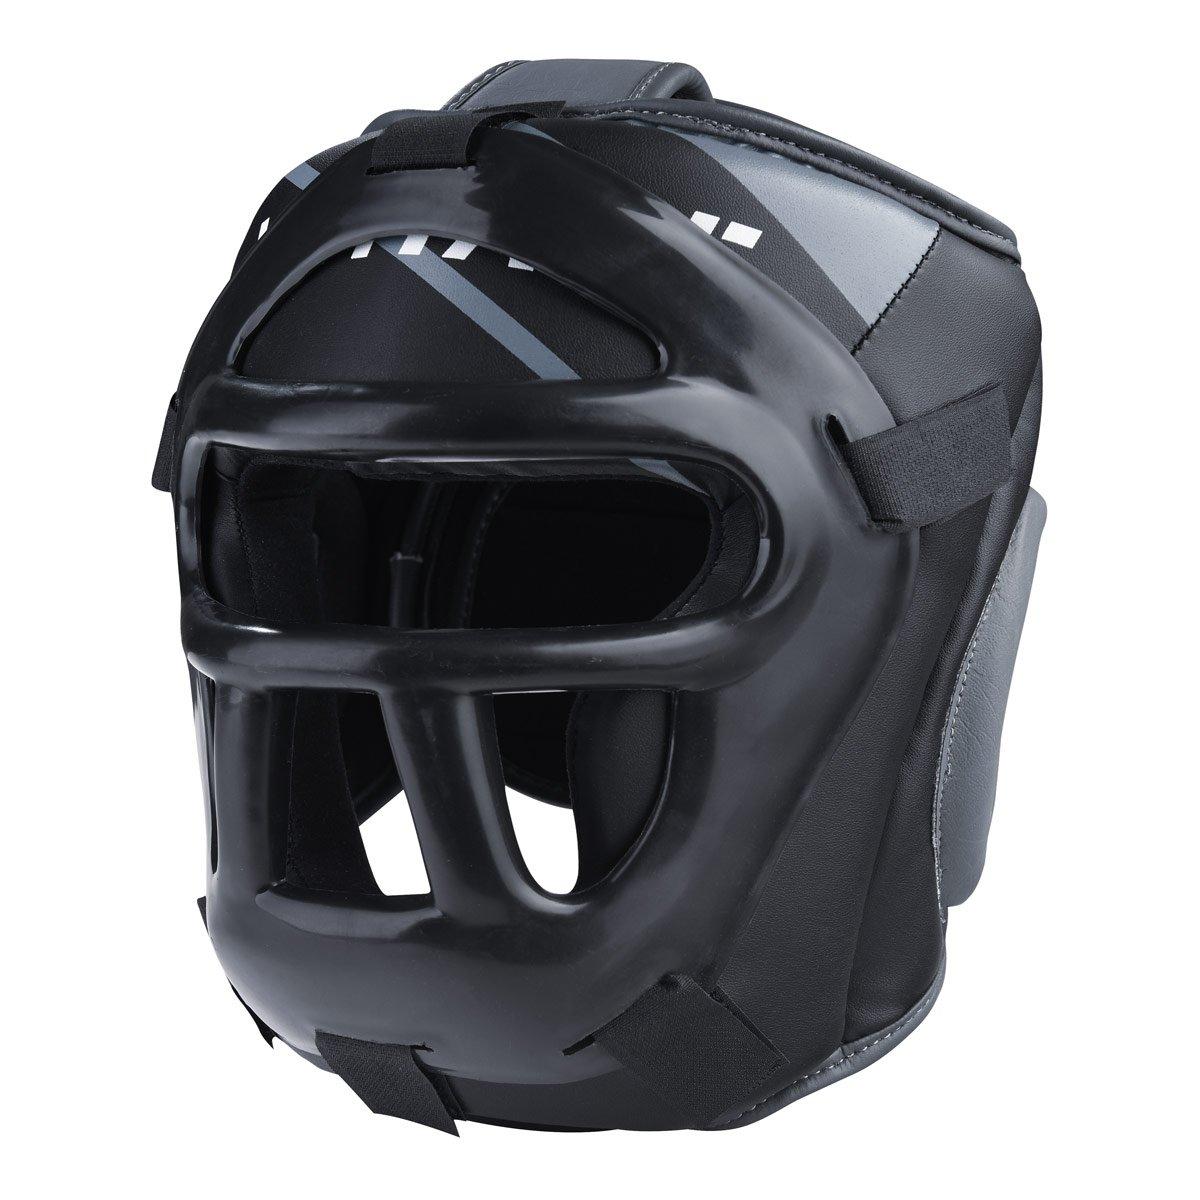 Vantage–Protector de Cabeza para Hombre, Color Negro, Talla única VAO4R #Vantage VAHG019-S